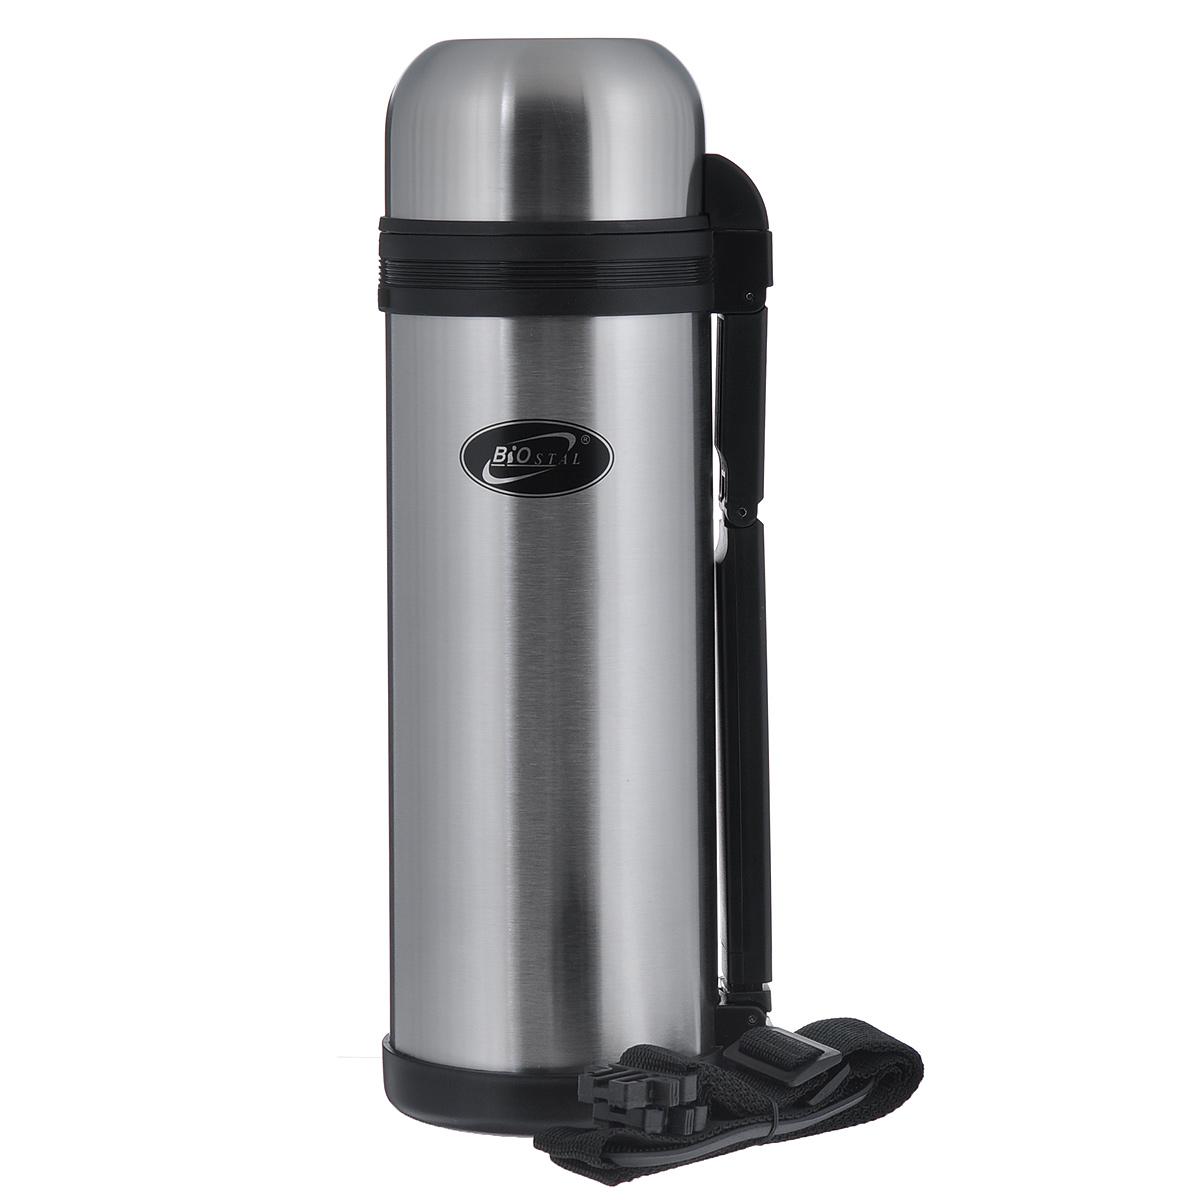 Термос Biostal, 1,8 л. NG-1800-1перфорационные unisexУниверсальный пищевой термос Biostal относится к классической серии. Термосы этой серии, являющейся лидером продаж, просты в использовании, экономичны и многофункциональны. Универсальный термос выполняет функции термоса для еды (первого или второго) и термоса для напитков (кофе, чая). Это достигается благодаря специальной универсальной пробке, которая изготовлена из прочного пластика, легко разбирается для мытья и, обладая дополнительной теплоизоляцией, позволяет термосу дольше хранить тепло. Термос выполнен из нержавеющей стали. Он оснащен удобной ручкой и ремешком для переноски. Крышку можно использовать в качестве чашки. Дополнительная пластиковая чашка в комплекте.